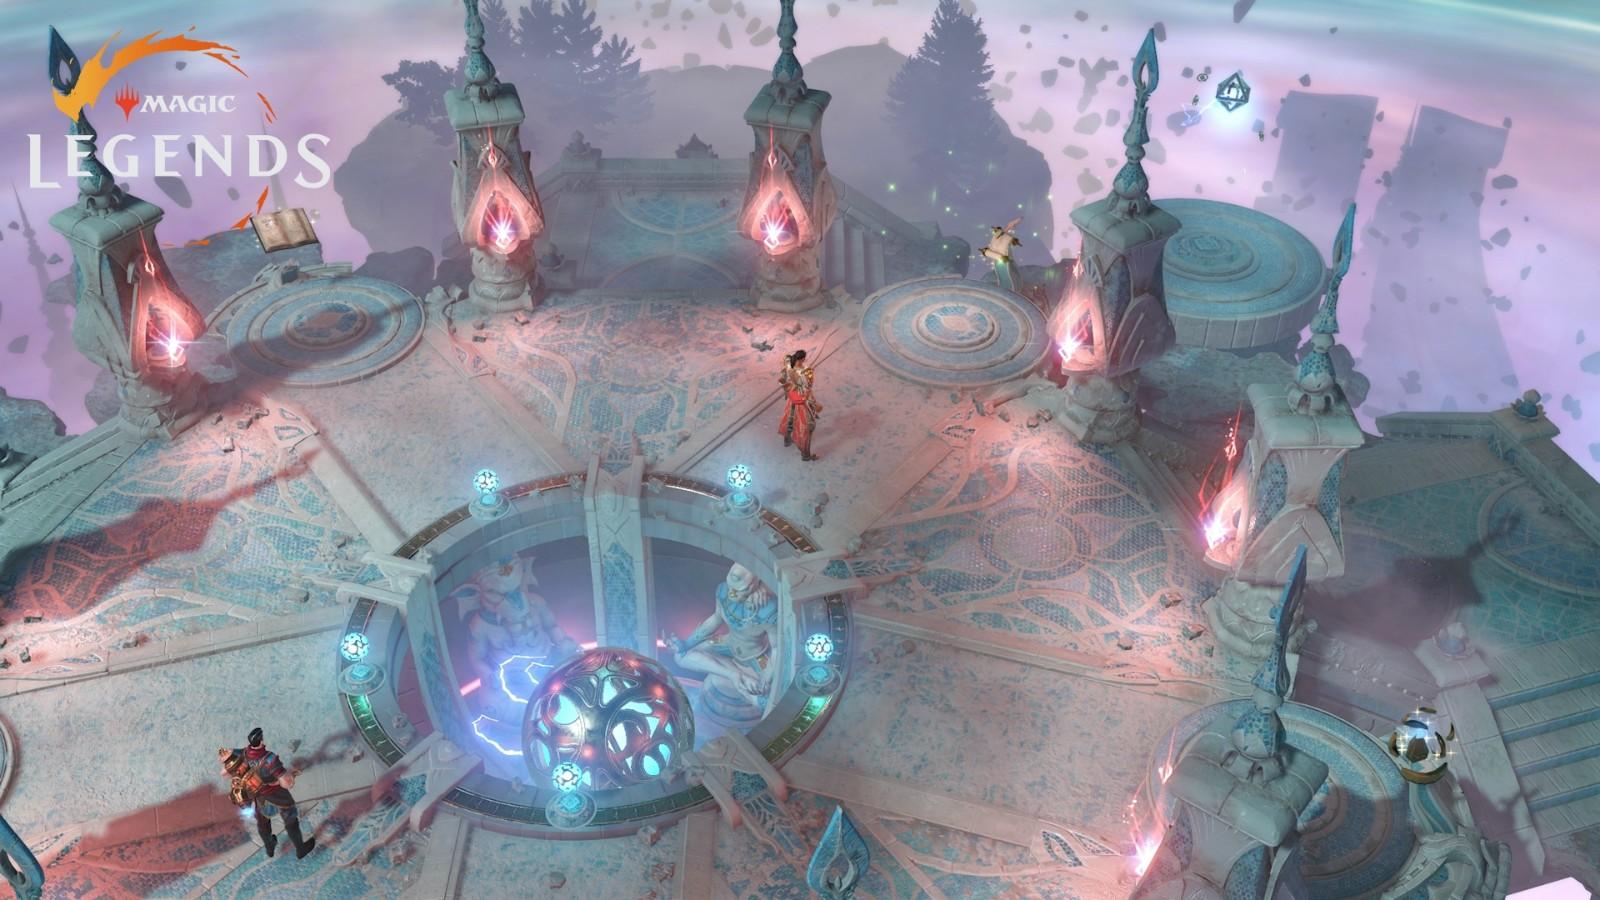 《魔法传奇》新预告及截图公布 战斗刺激画面精美